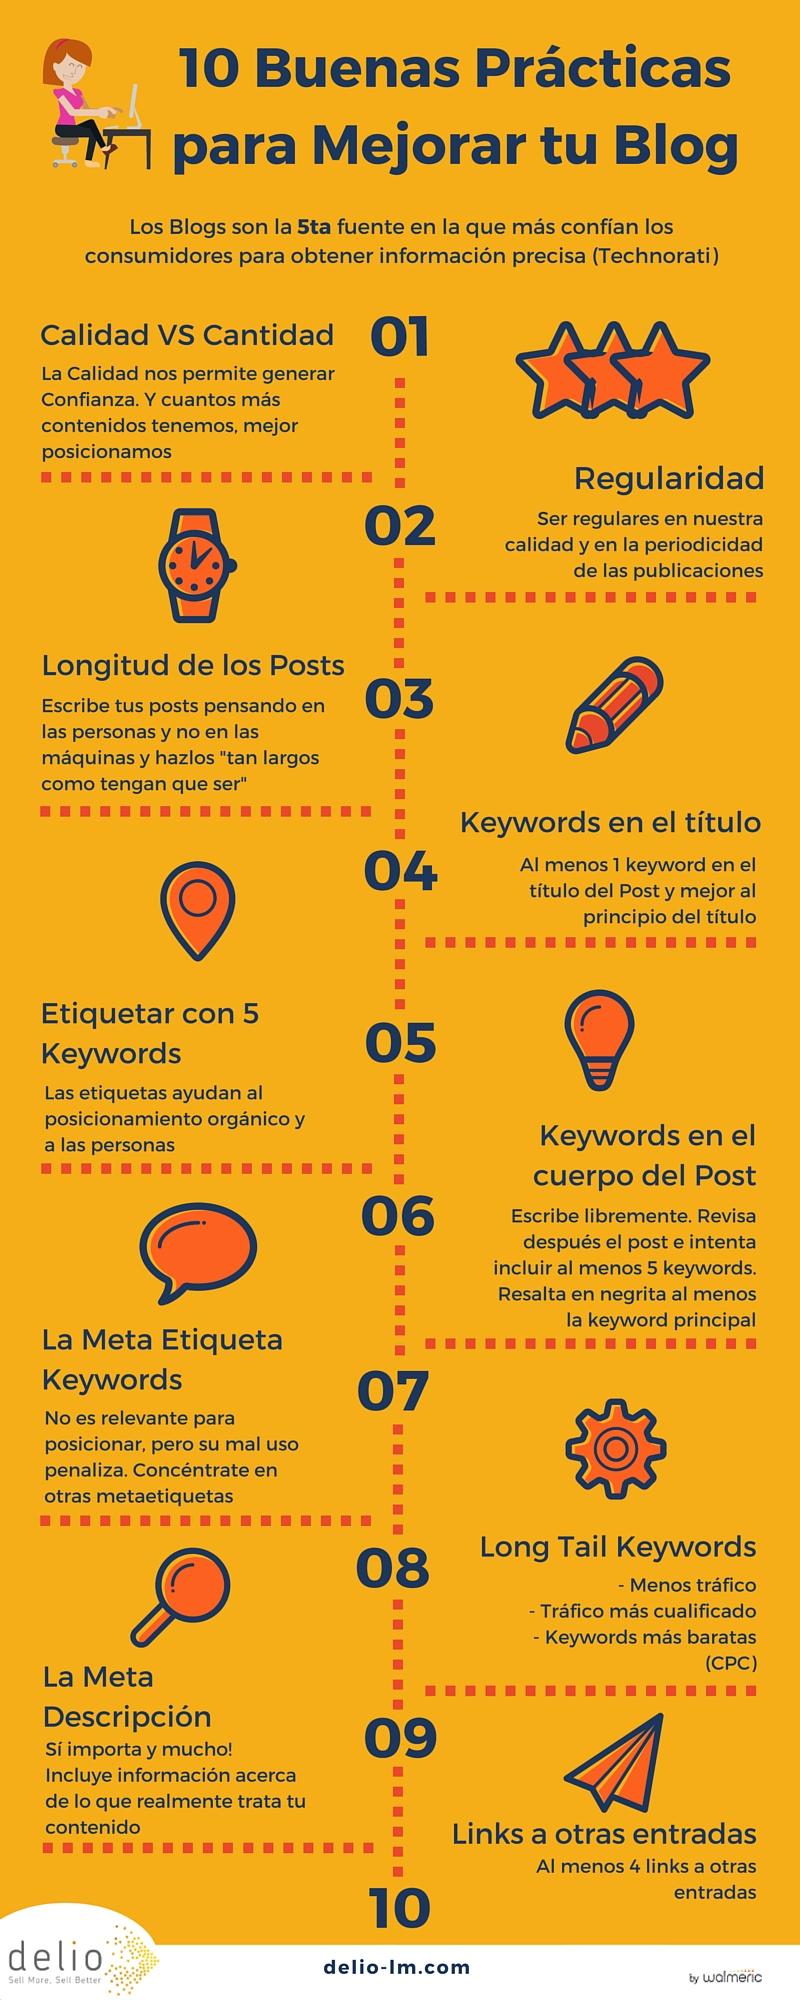 10 buenas prácticas para mejorar tu Blog